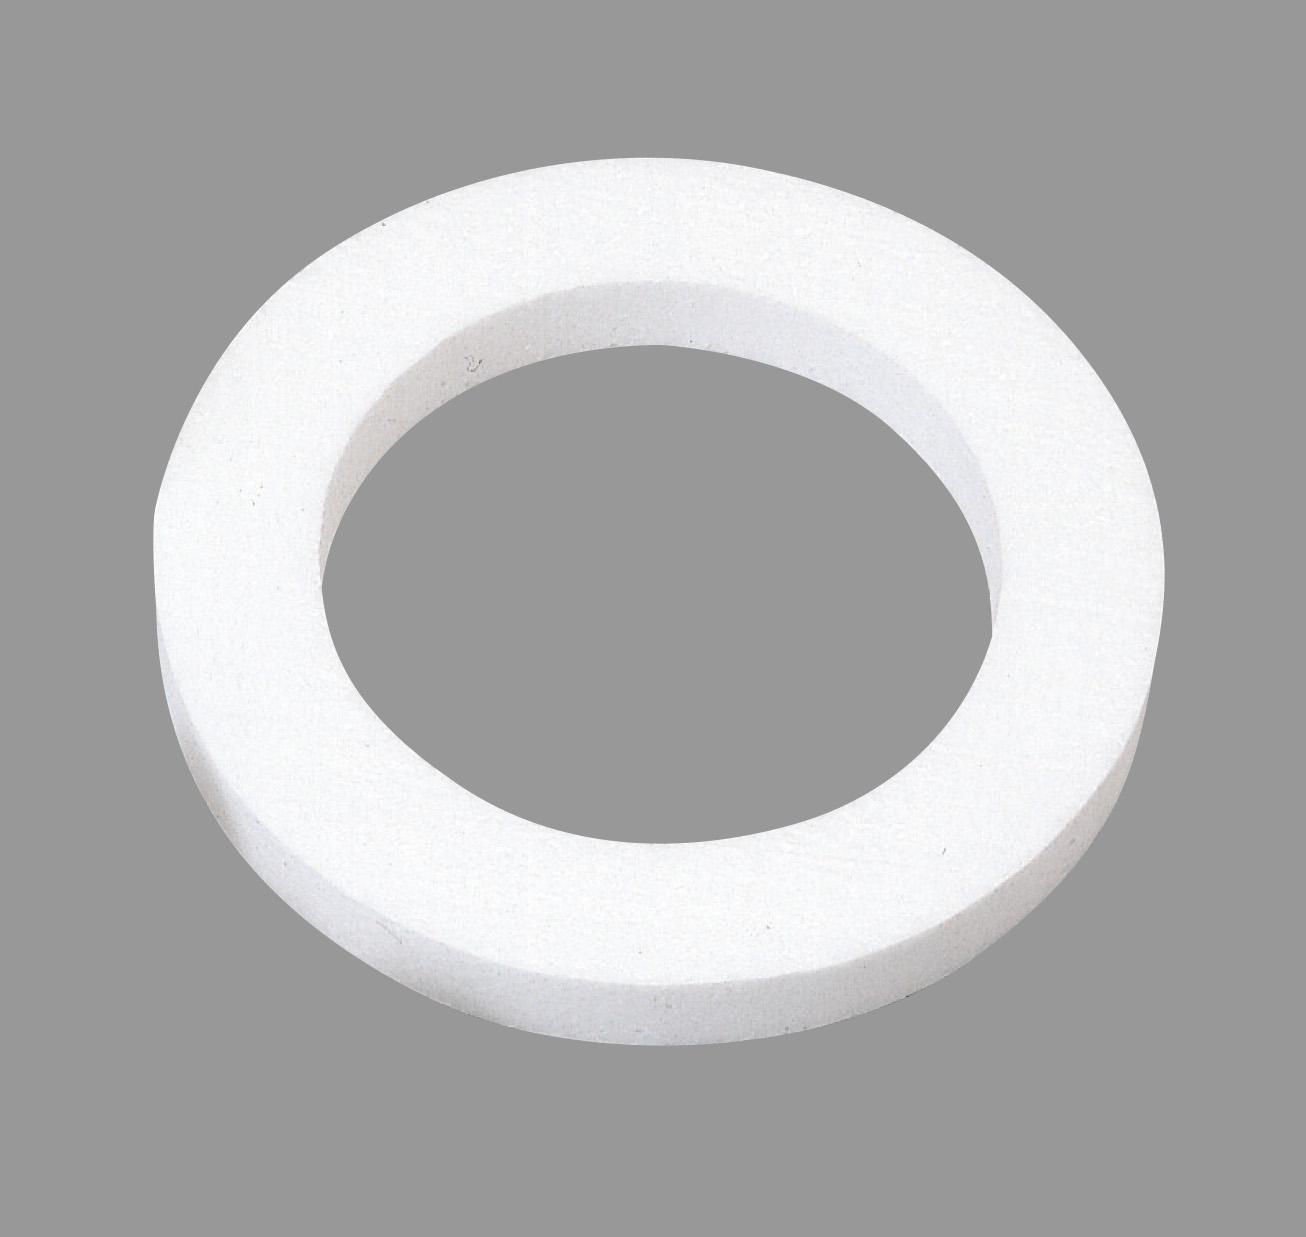 発泡リングCφ250×30 サムネイル